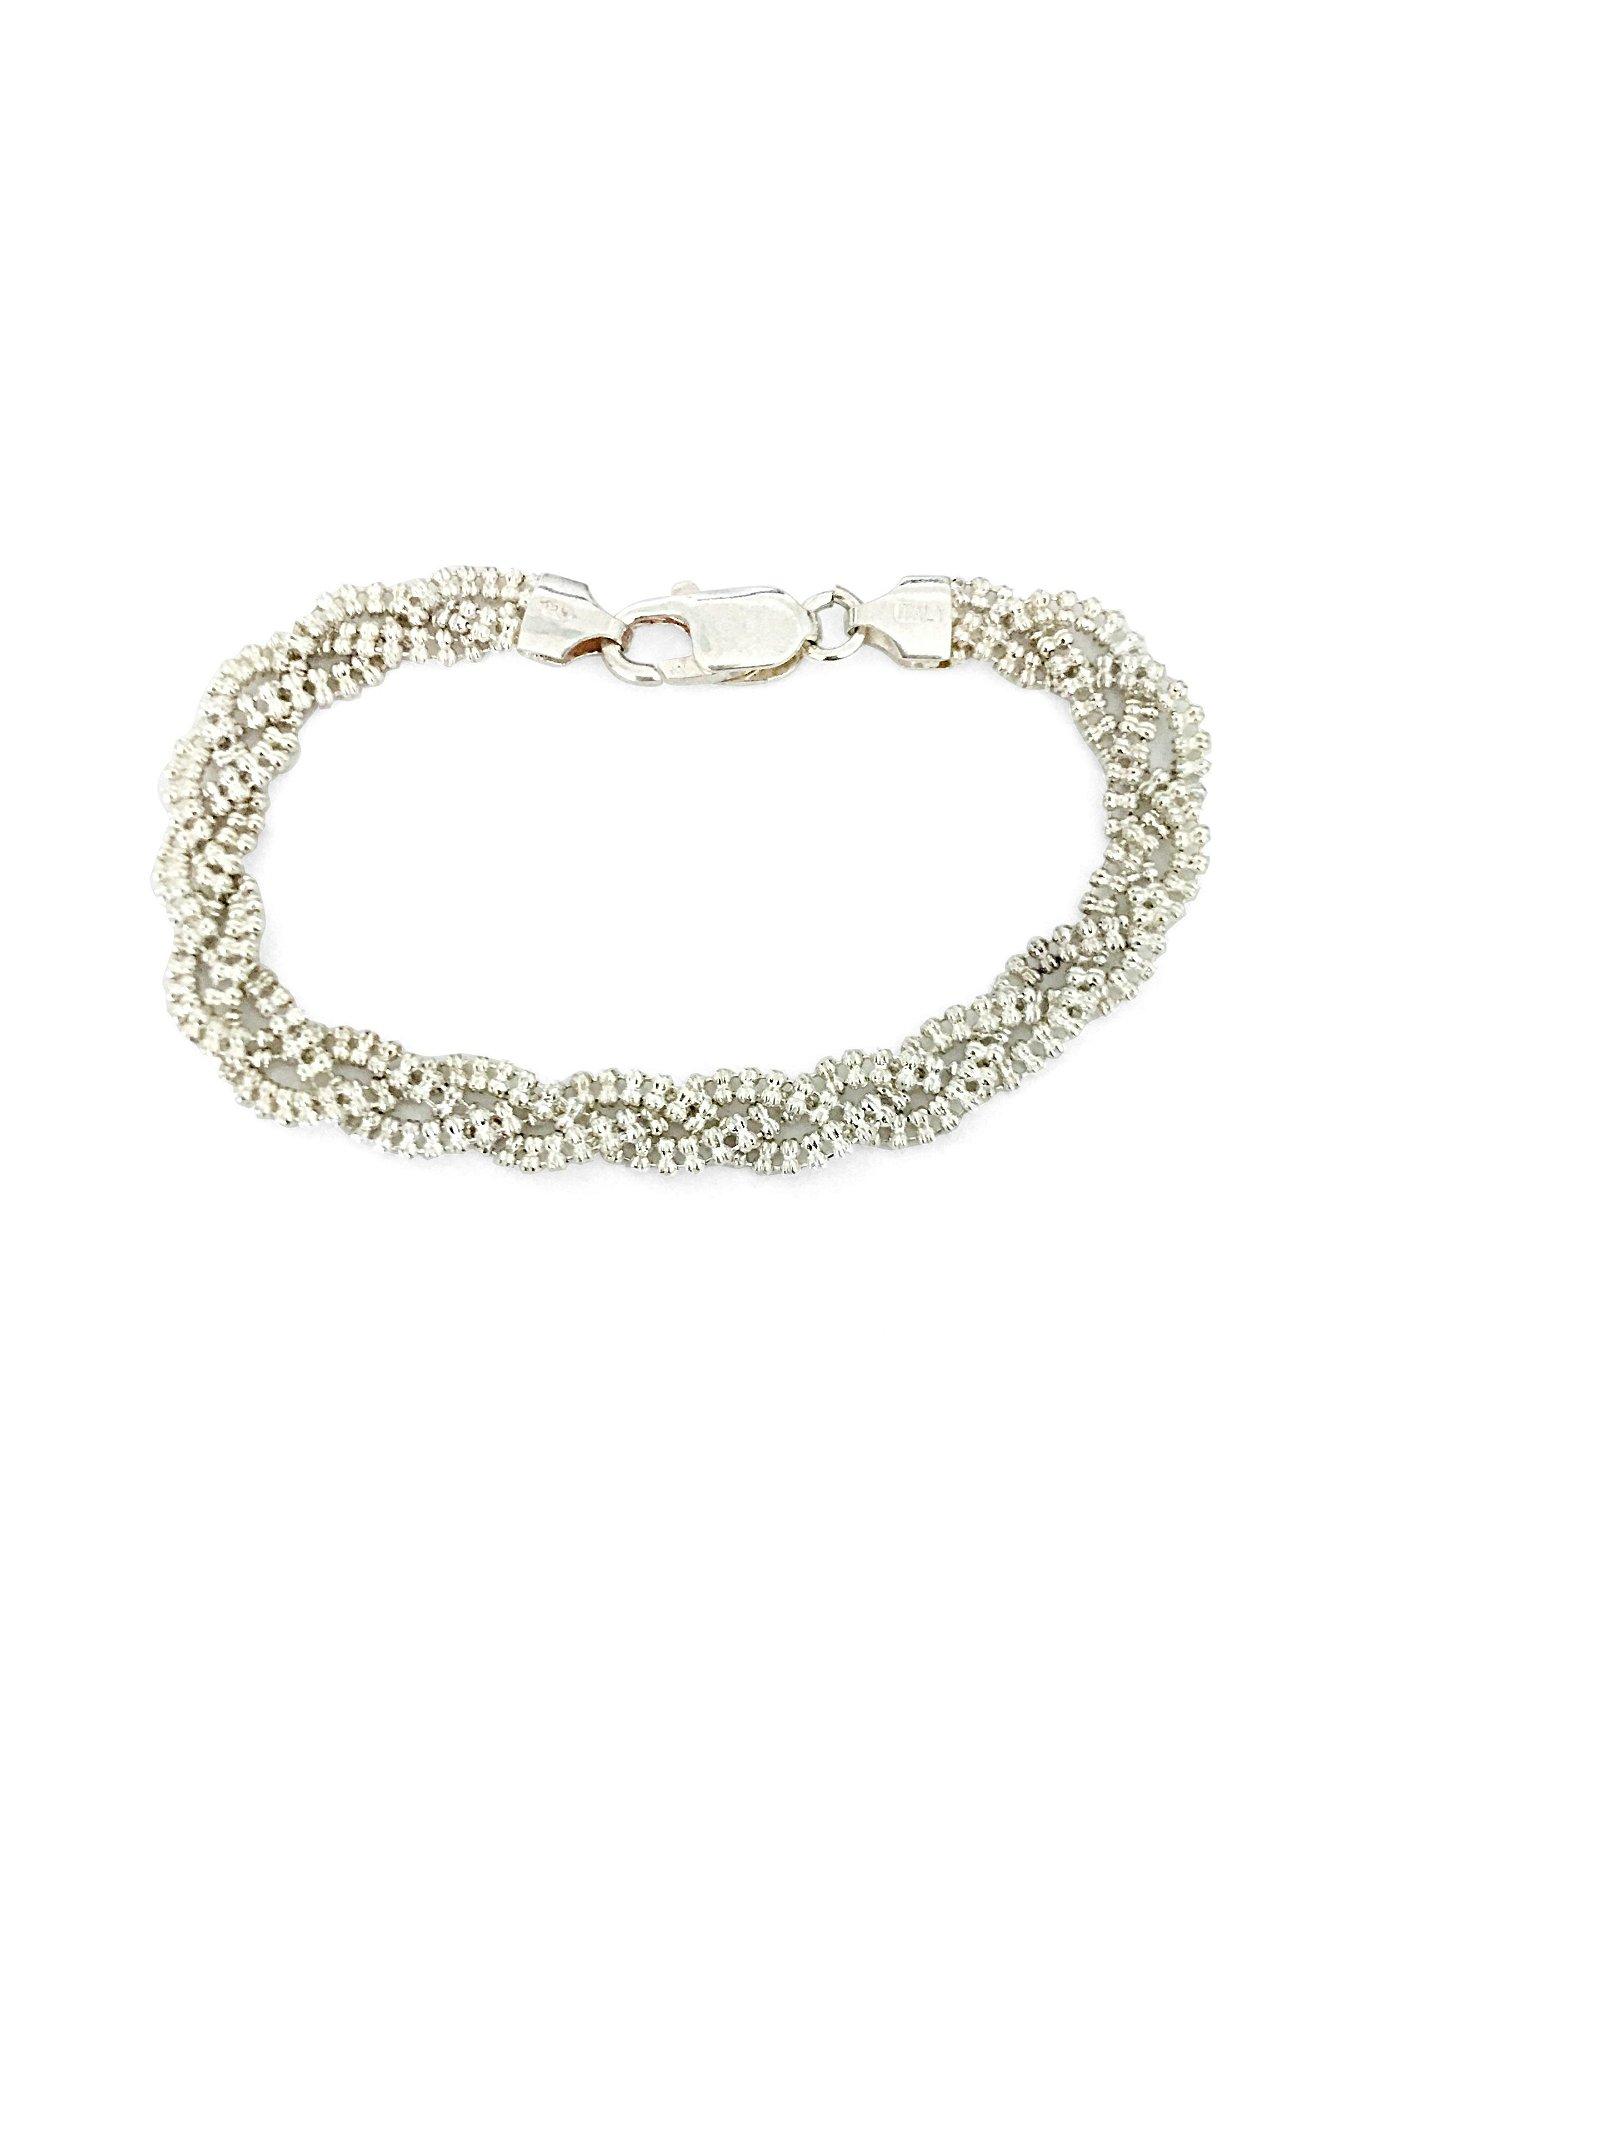 Vintage Beaded Sterling Silver Bracelet For Her